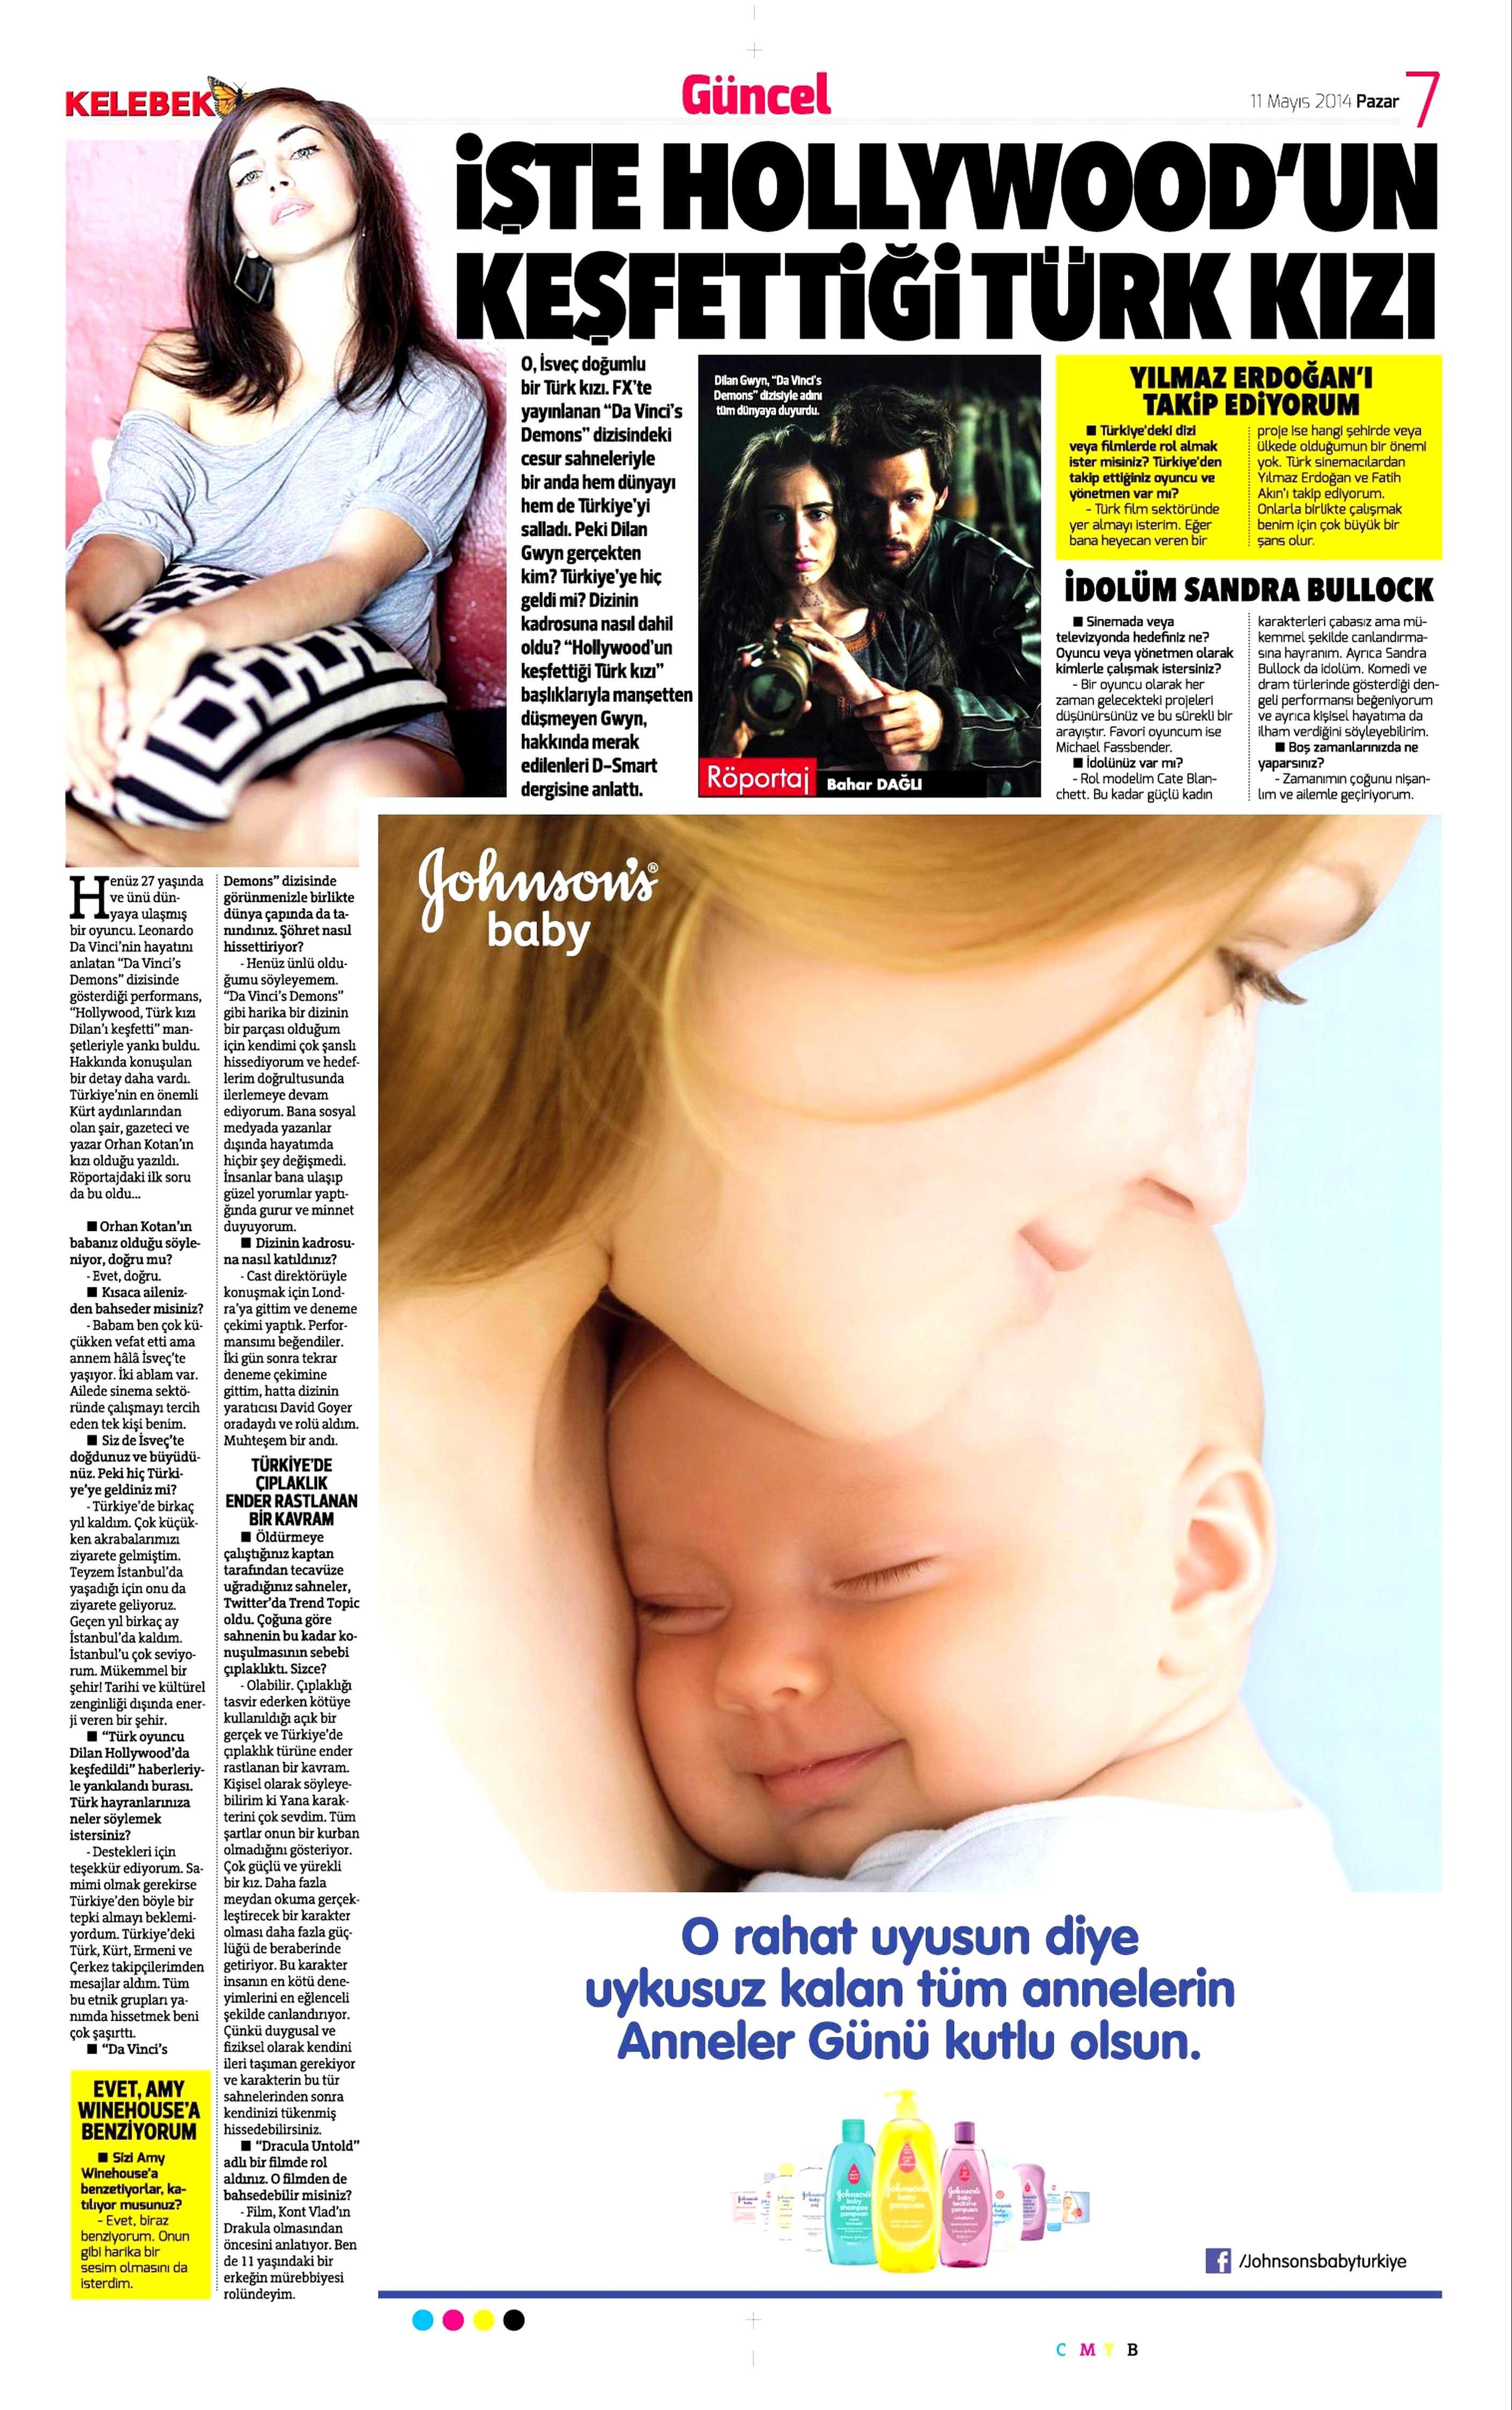 Dilan Gwyn - Hürriyet Kelebek Gazetesi Röportajı 2